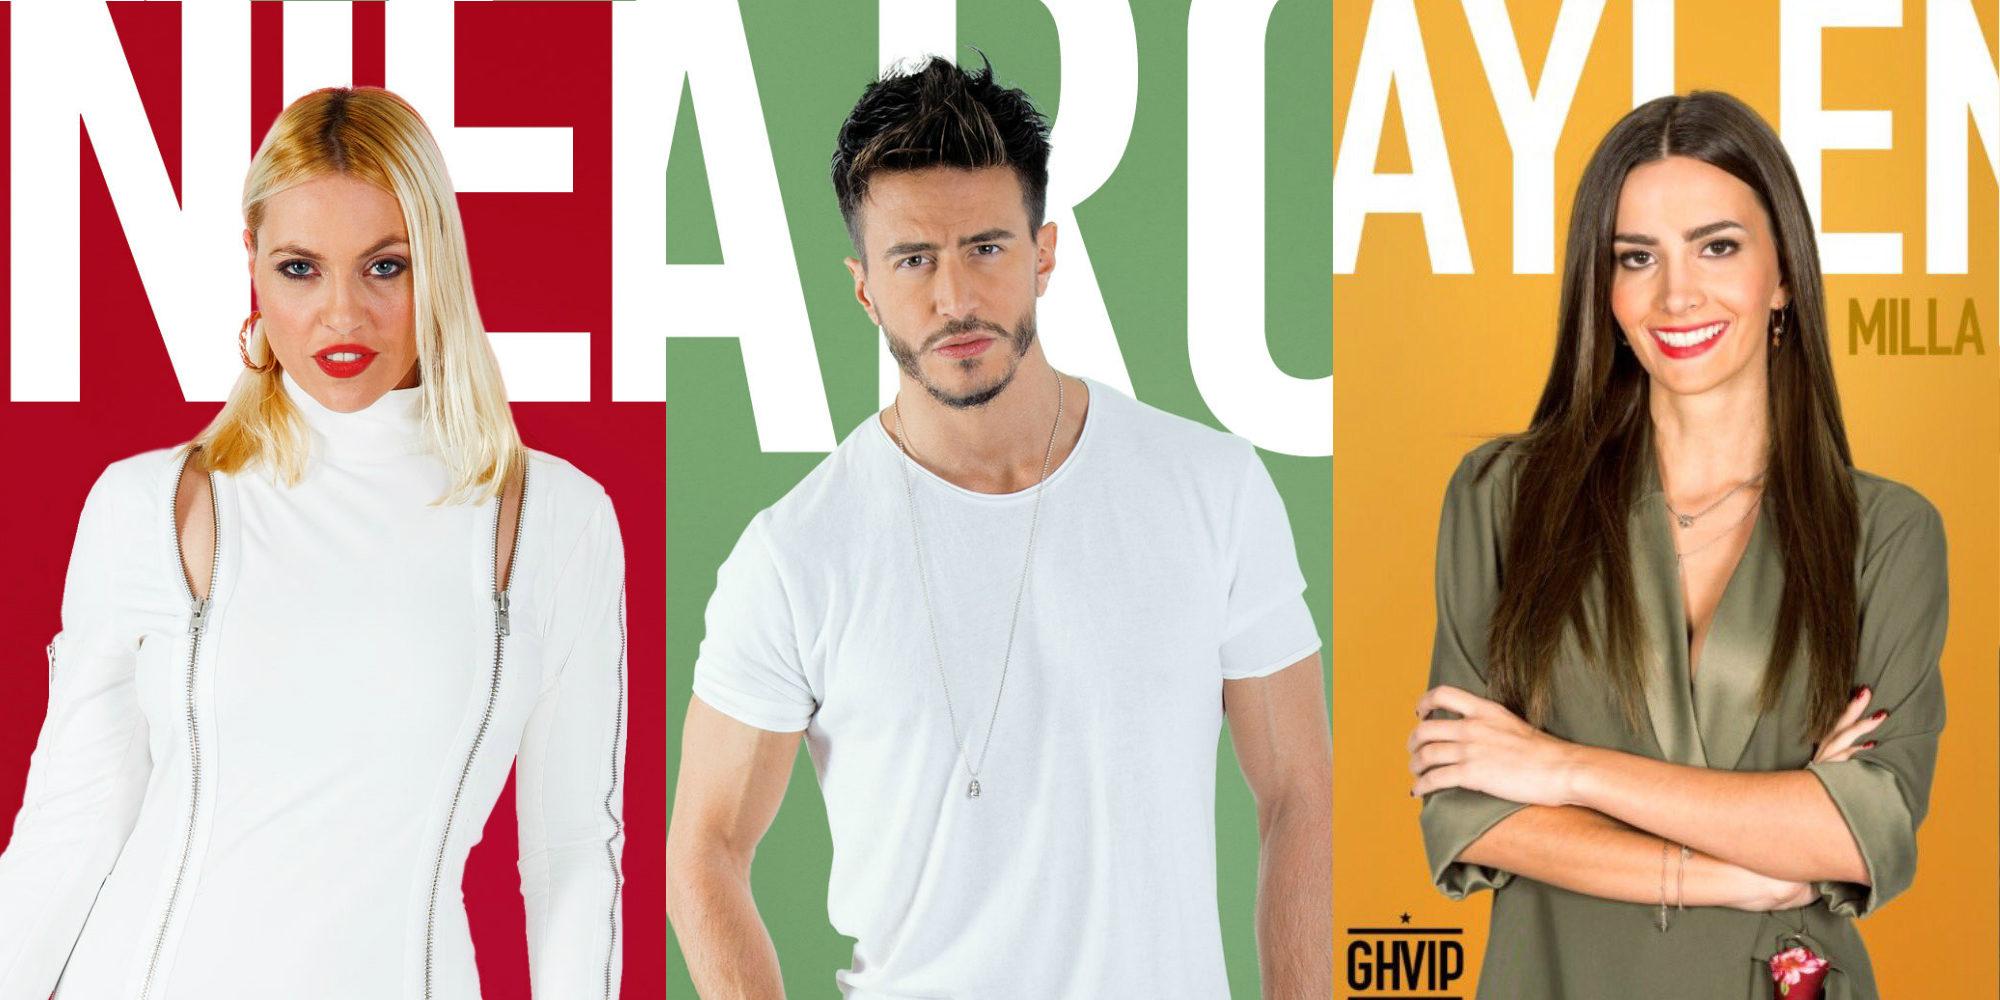 Daniela Blume, Marco Ferri y Aylén Milla son los nuevos nominados de 'GH VIP 5'